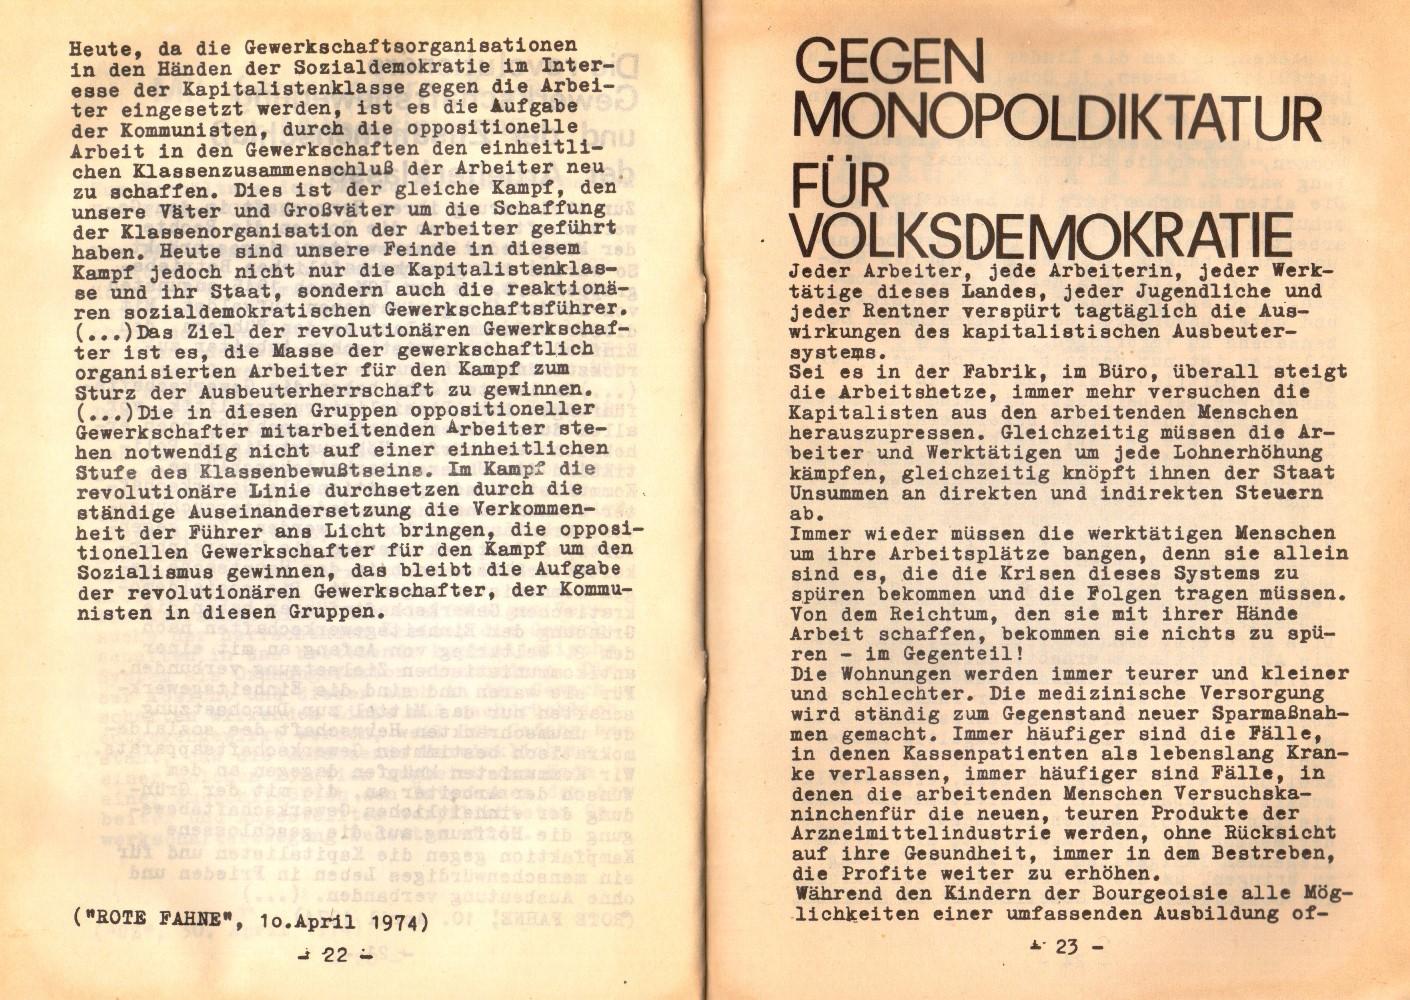 Duesseldorf_KPD_1974_Deine_Zeitung_13